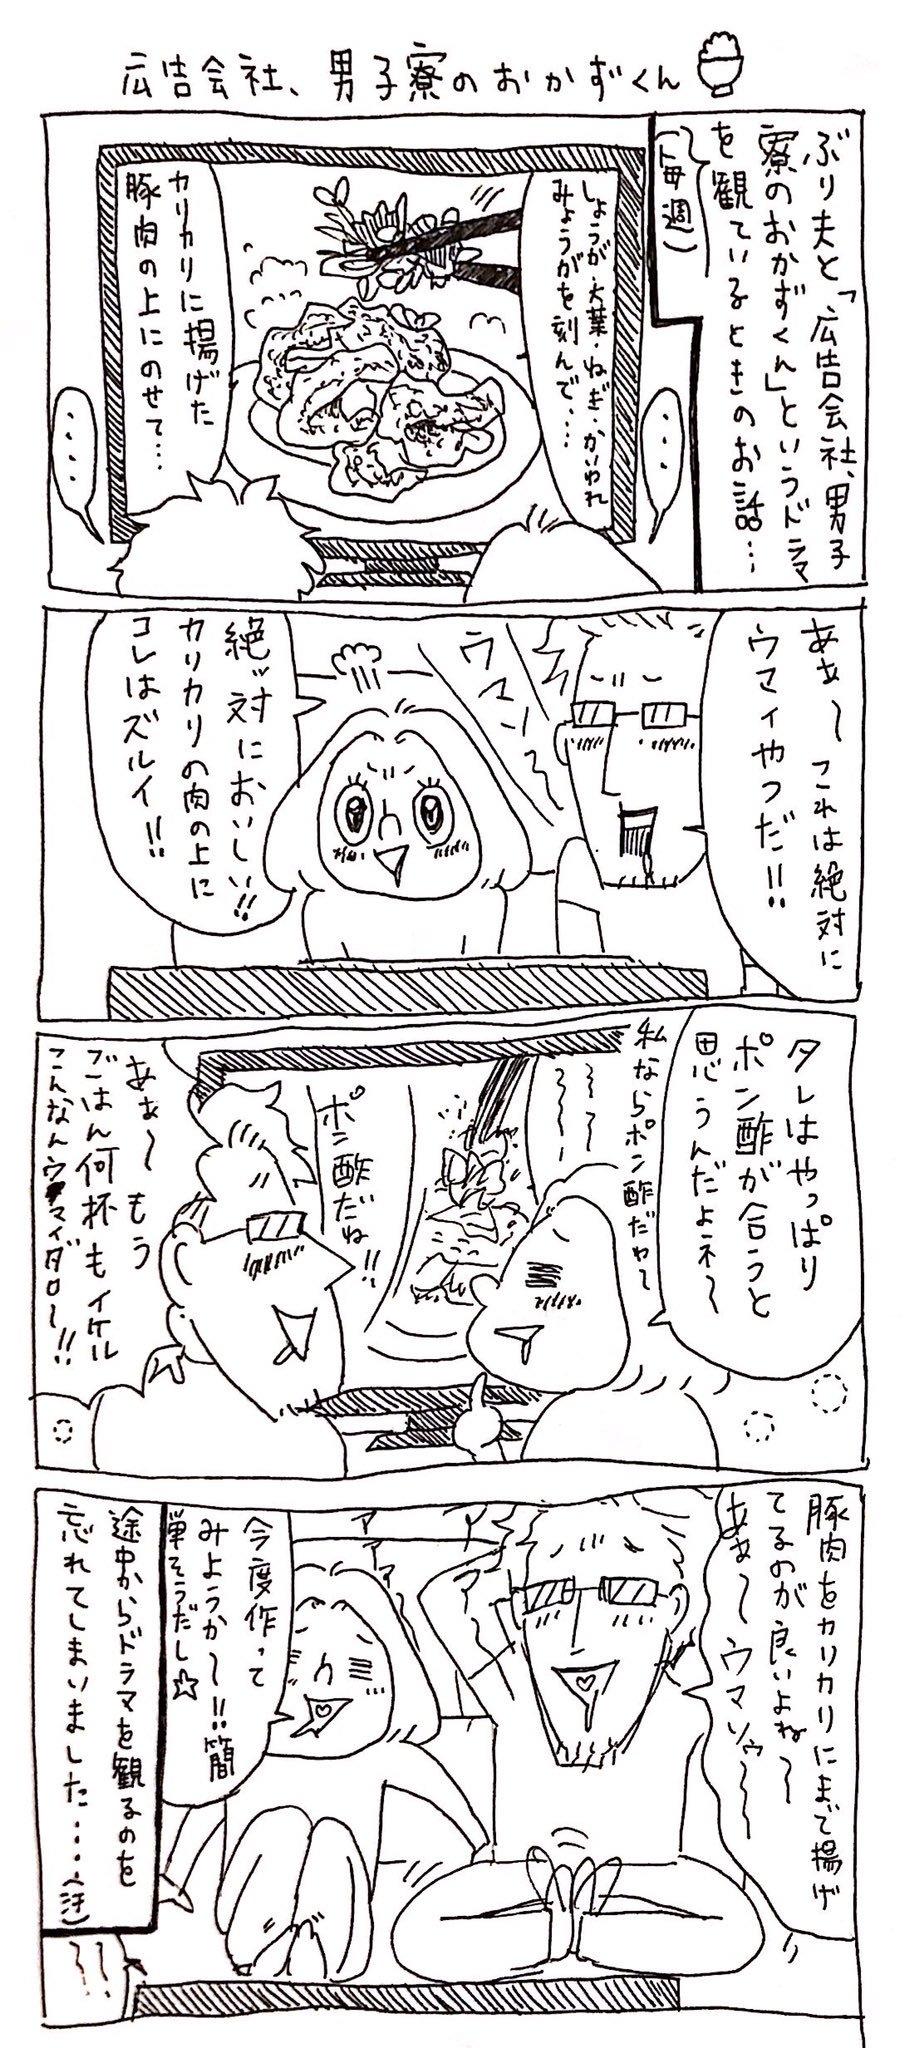 Twitterに投稿しているPちゃんの日常4コマ漫画まとめ3<全13話>おかずくん面白かったな